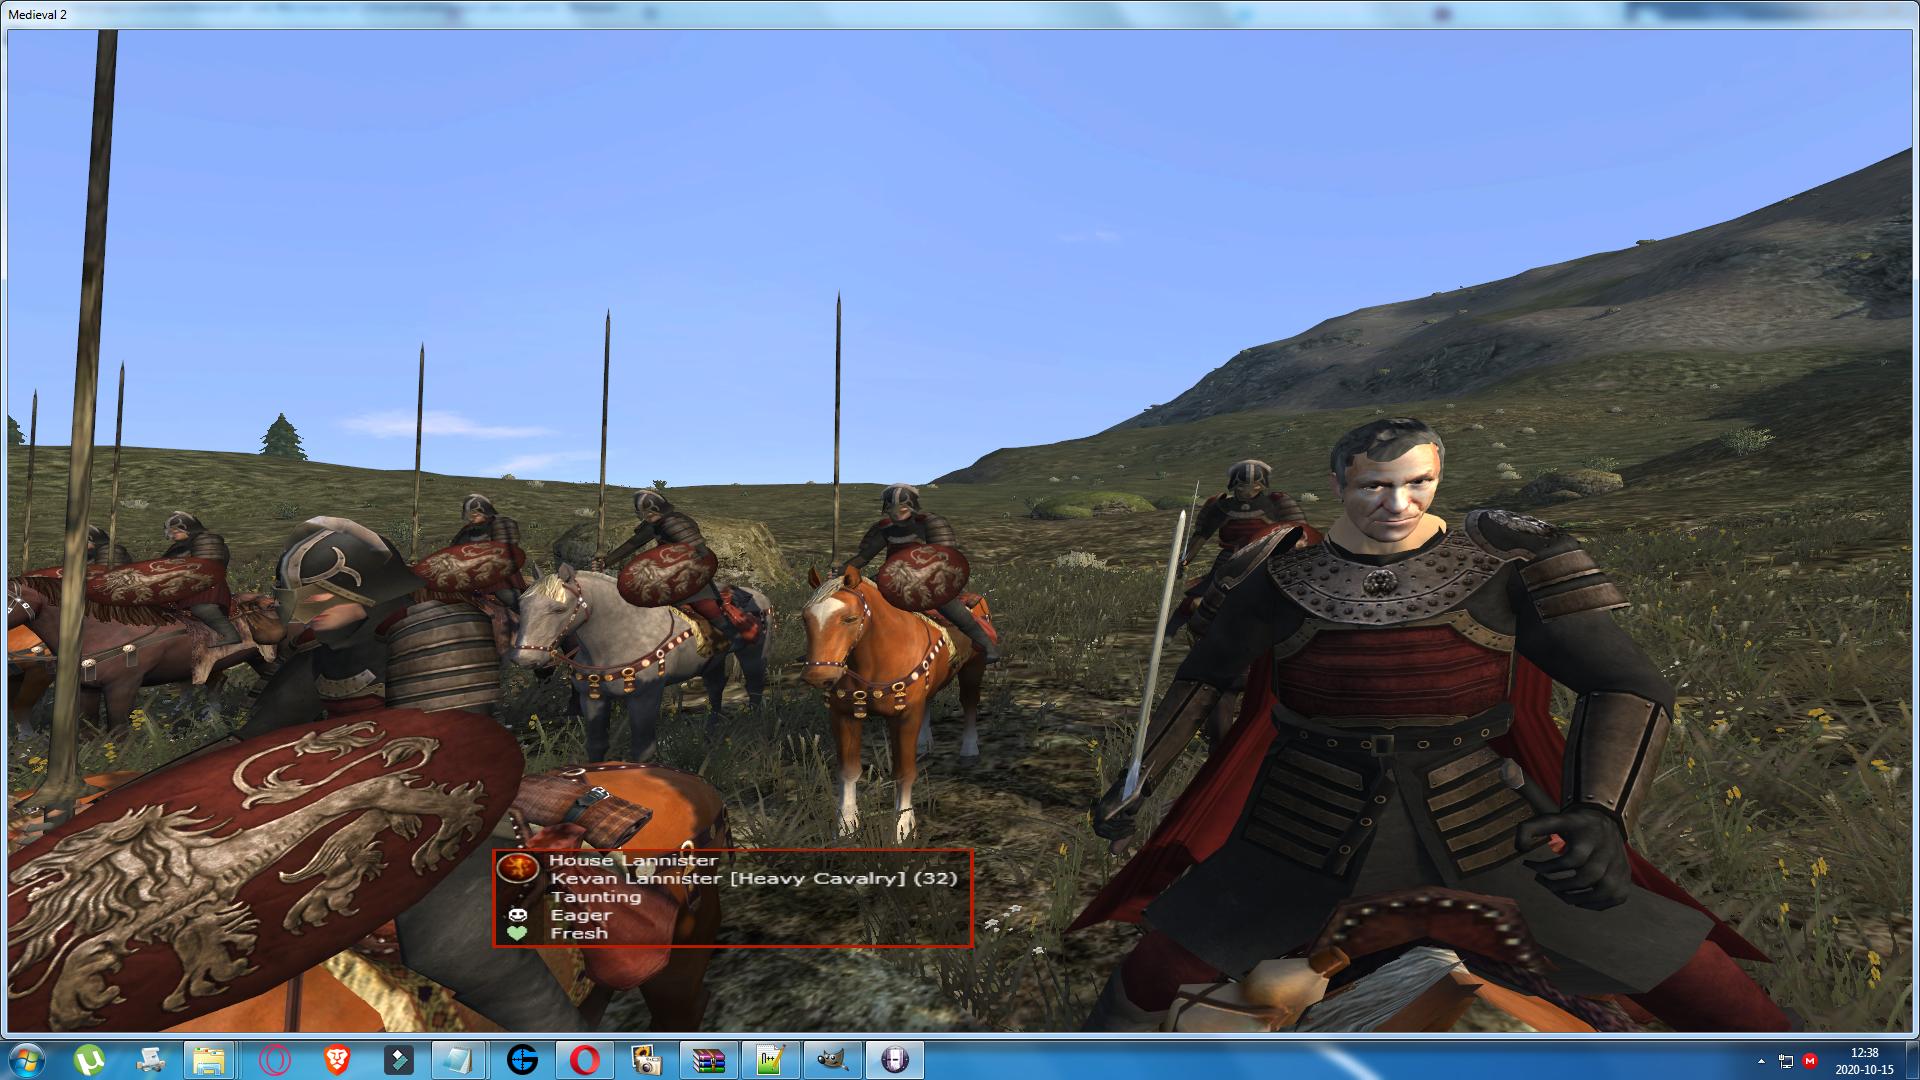 Kevan Lannister new hero model!